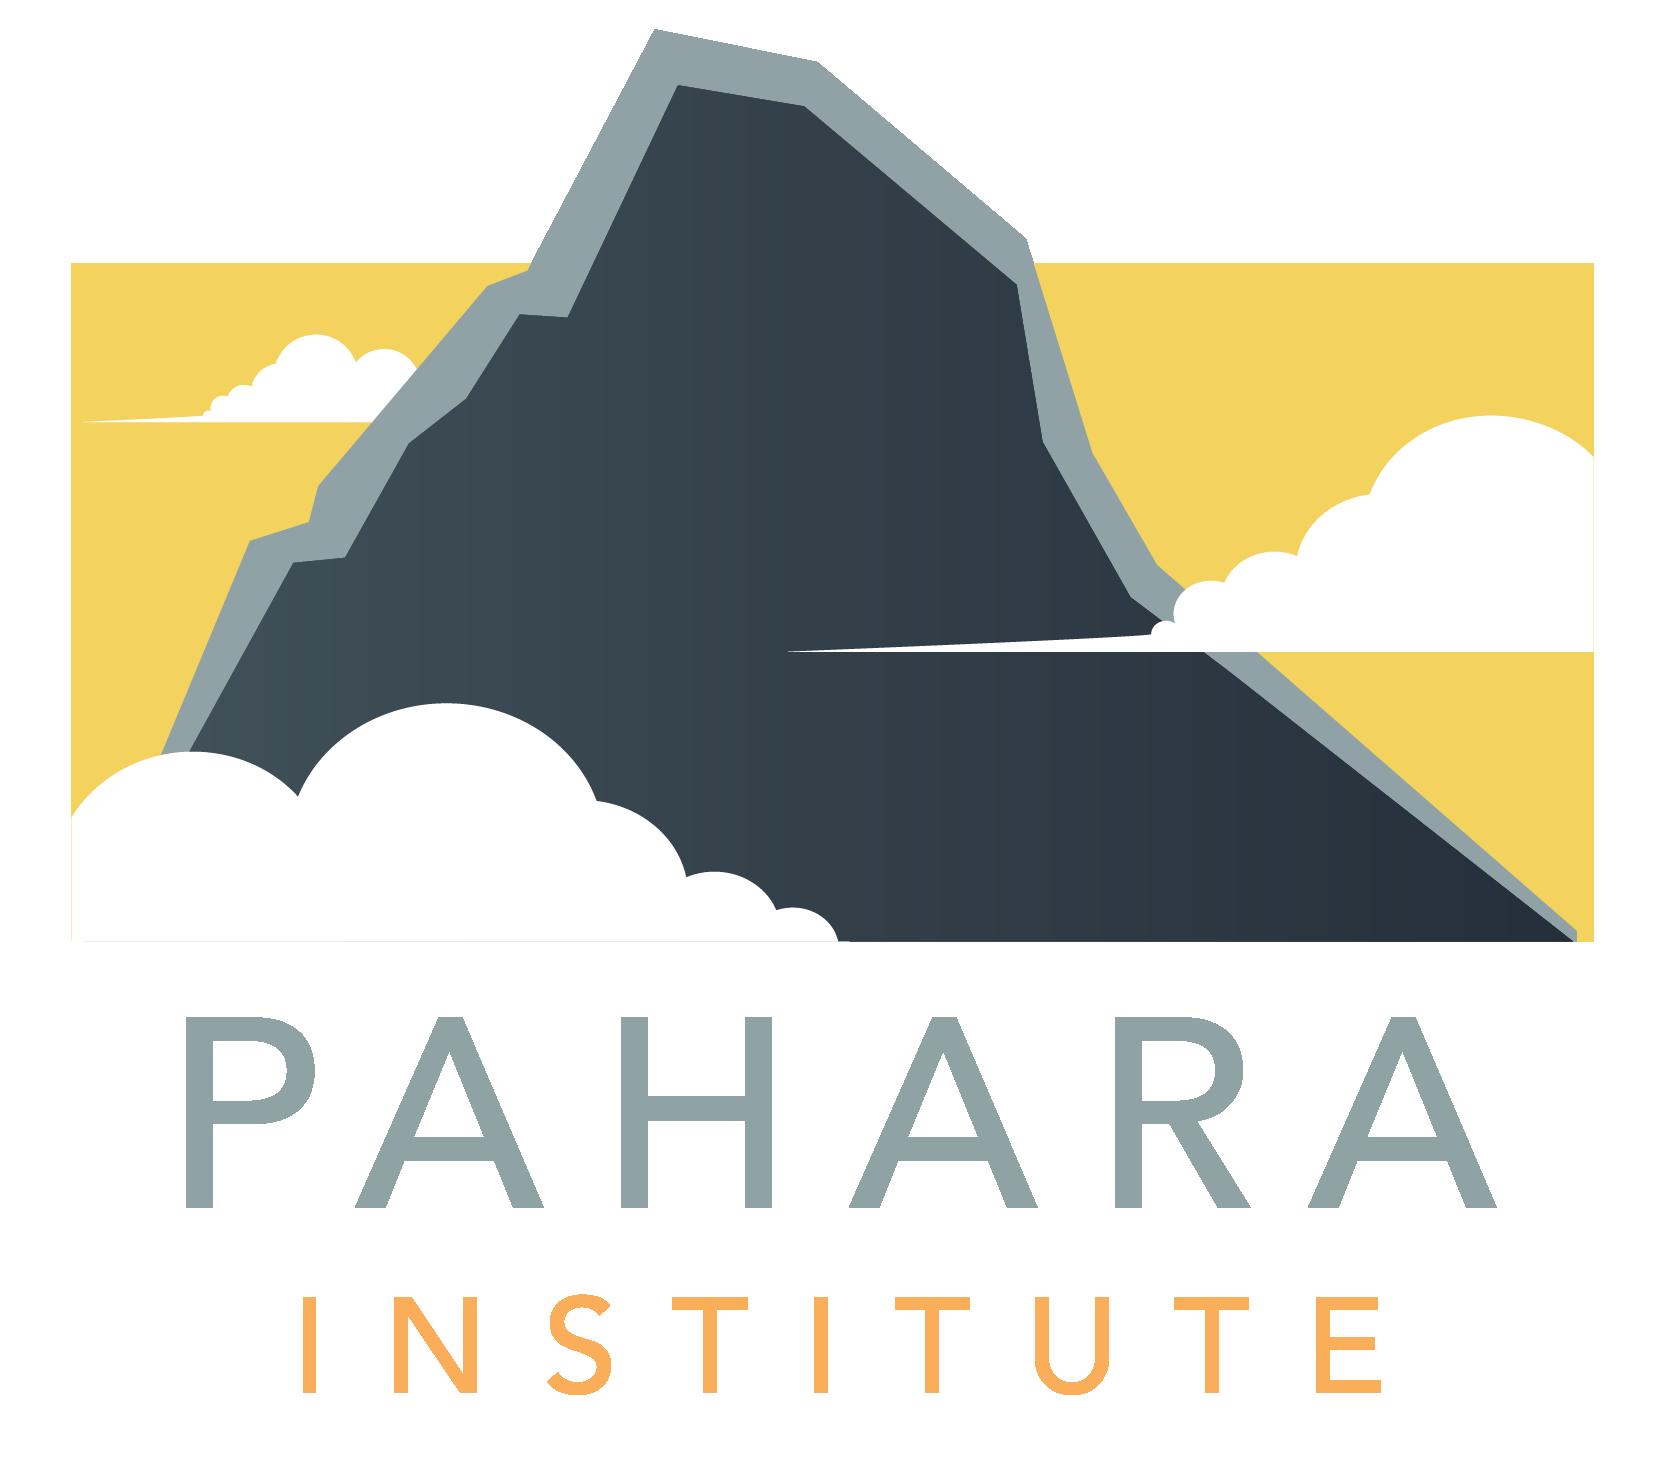 Pahara Institute Logo